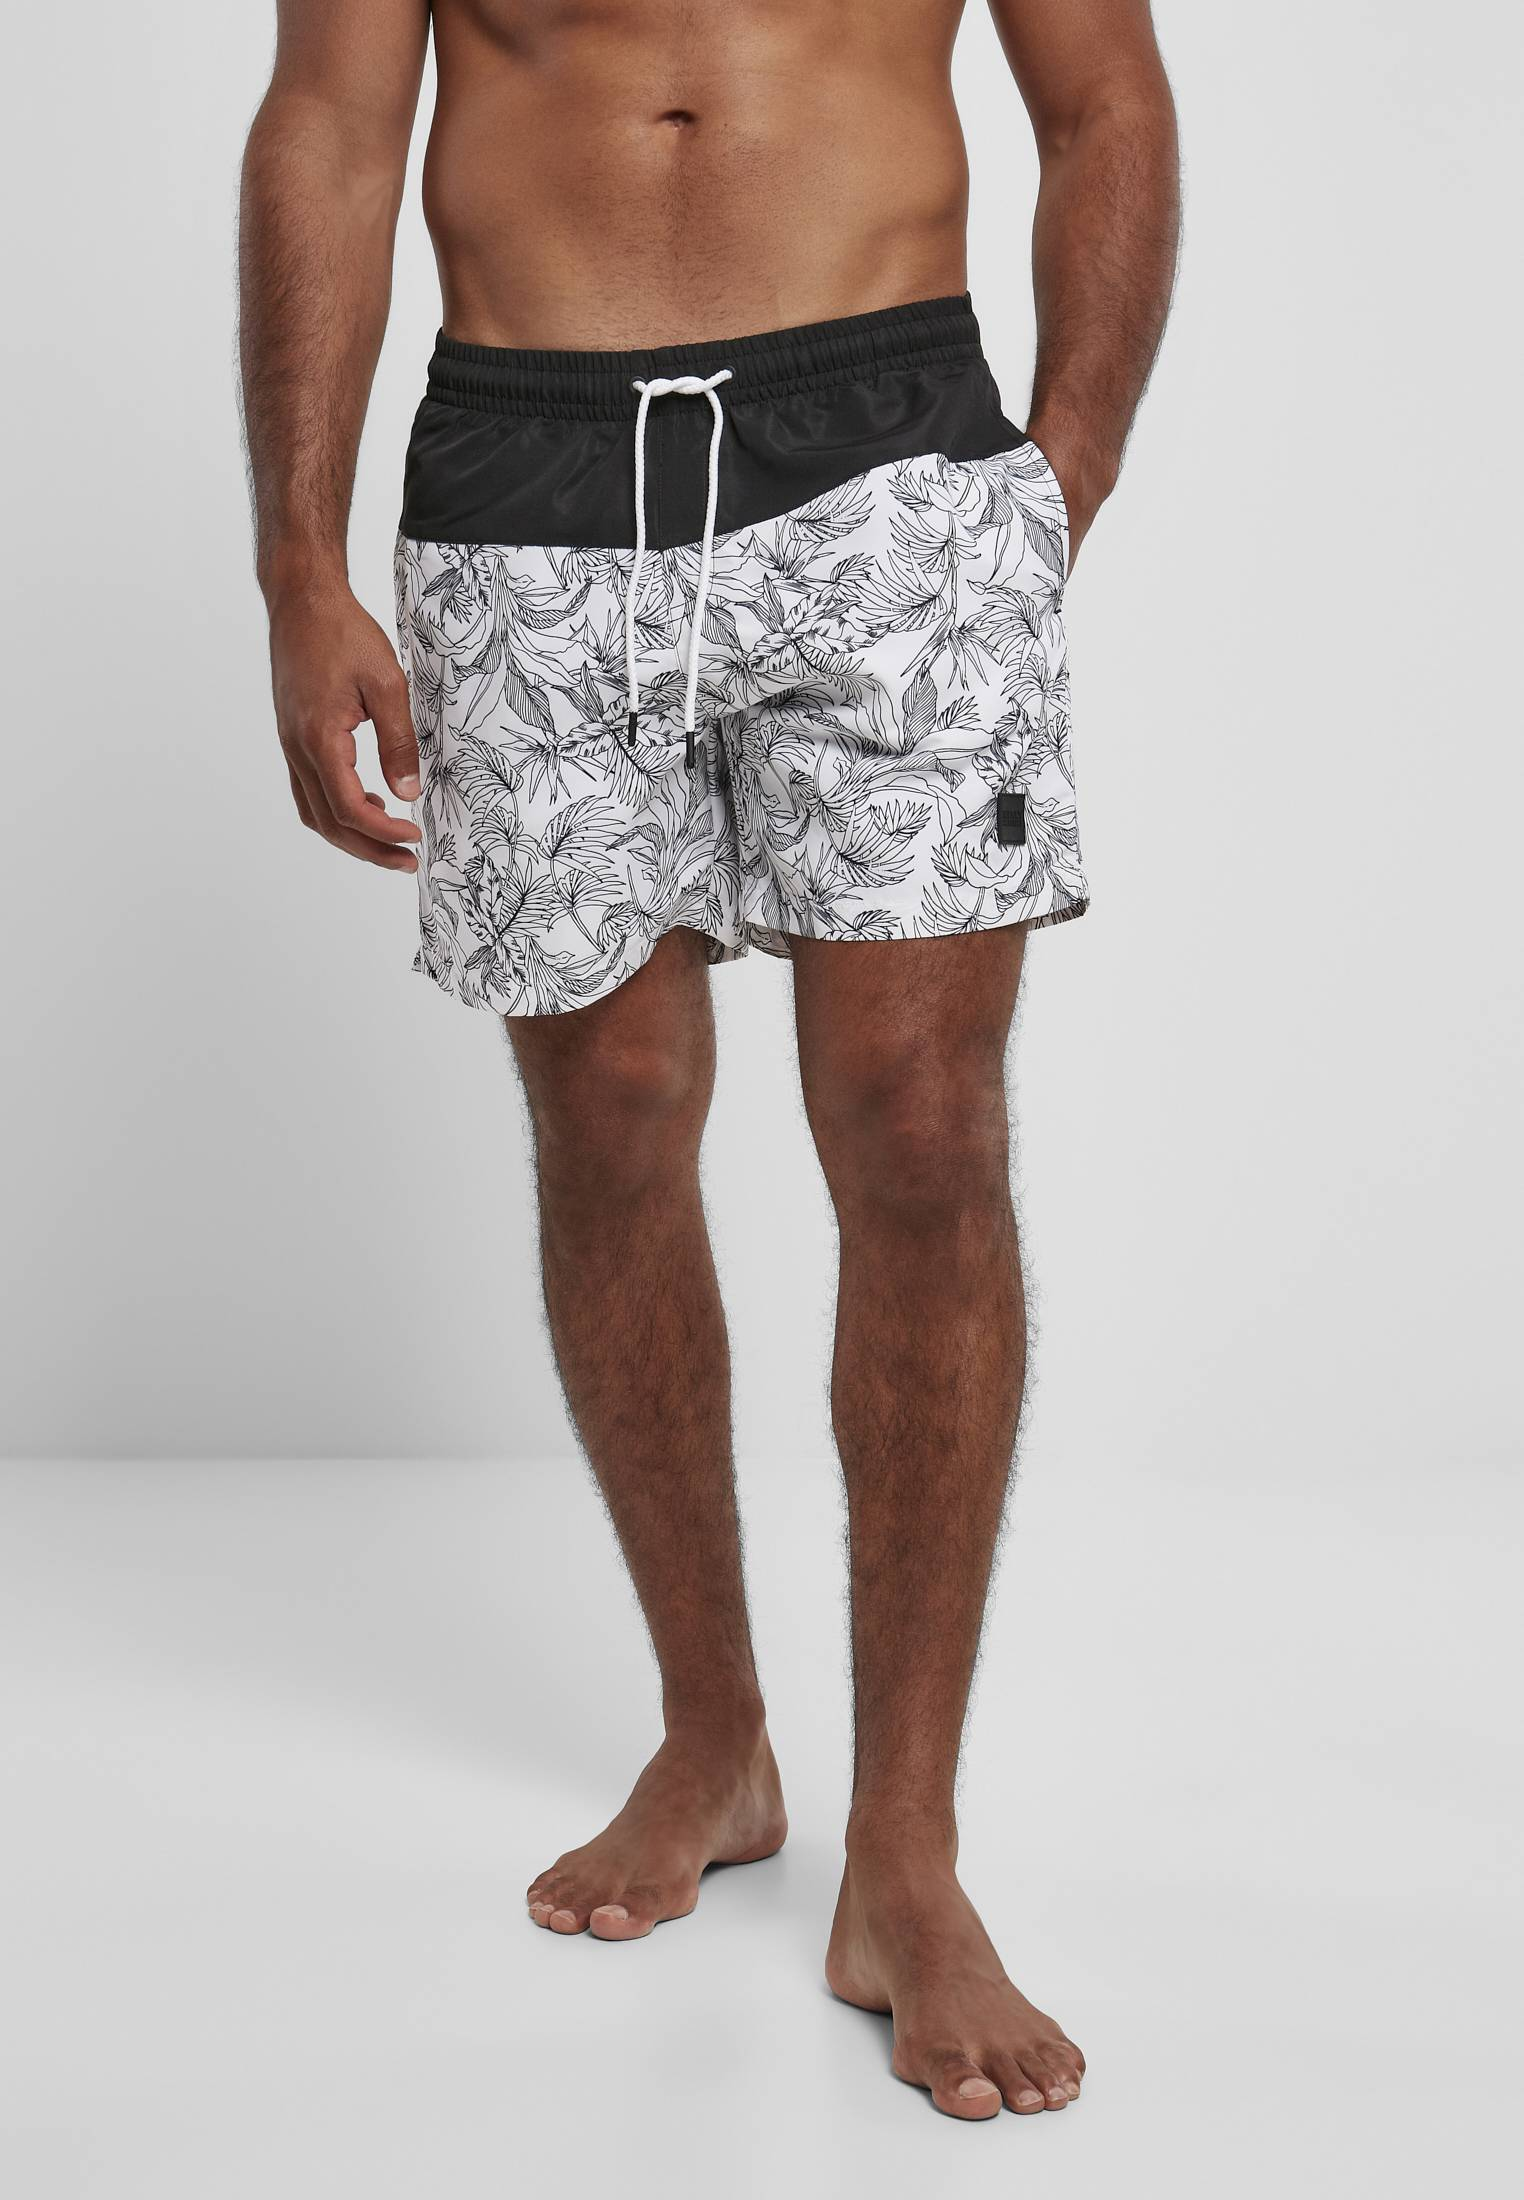 Urban Classics Low Block Pattern Swim Shorts jungle pattern/black - S